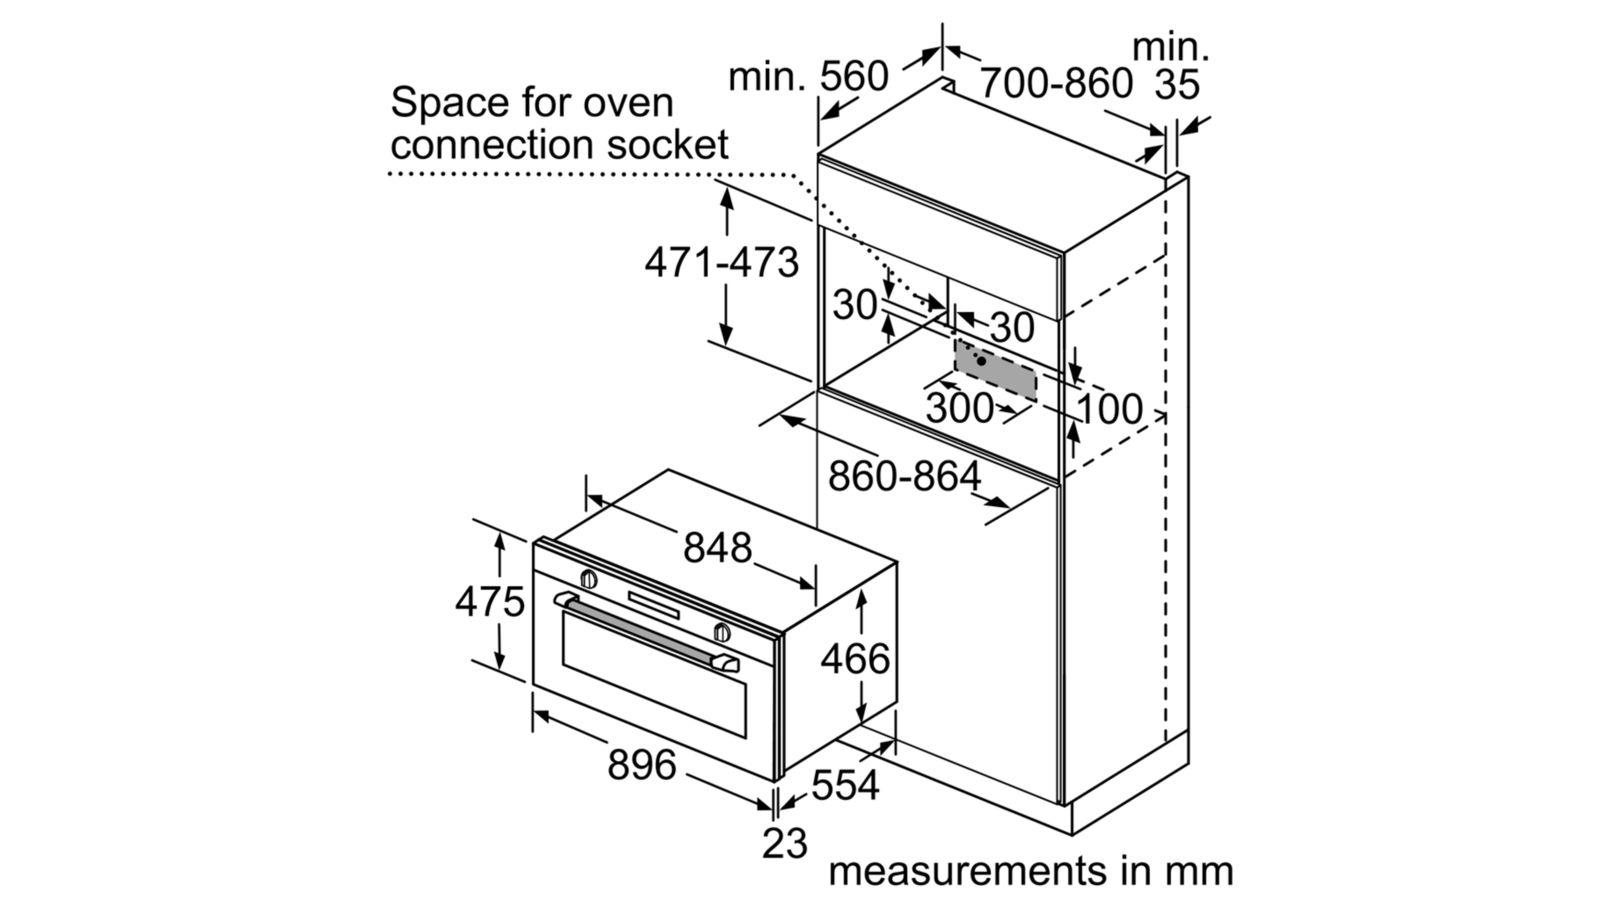 VB558C0S0 שרטוט התקנה